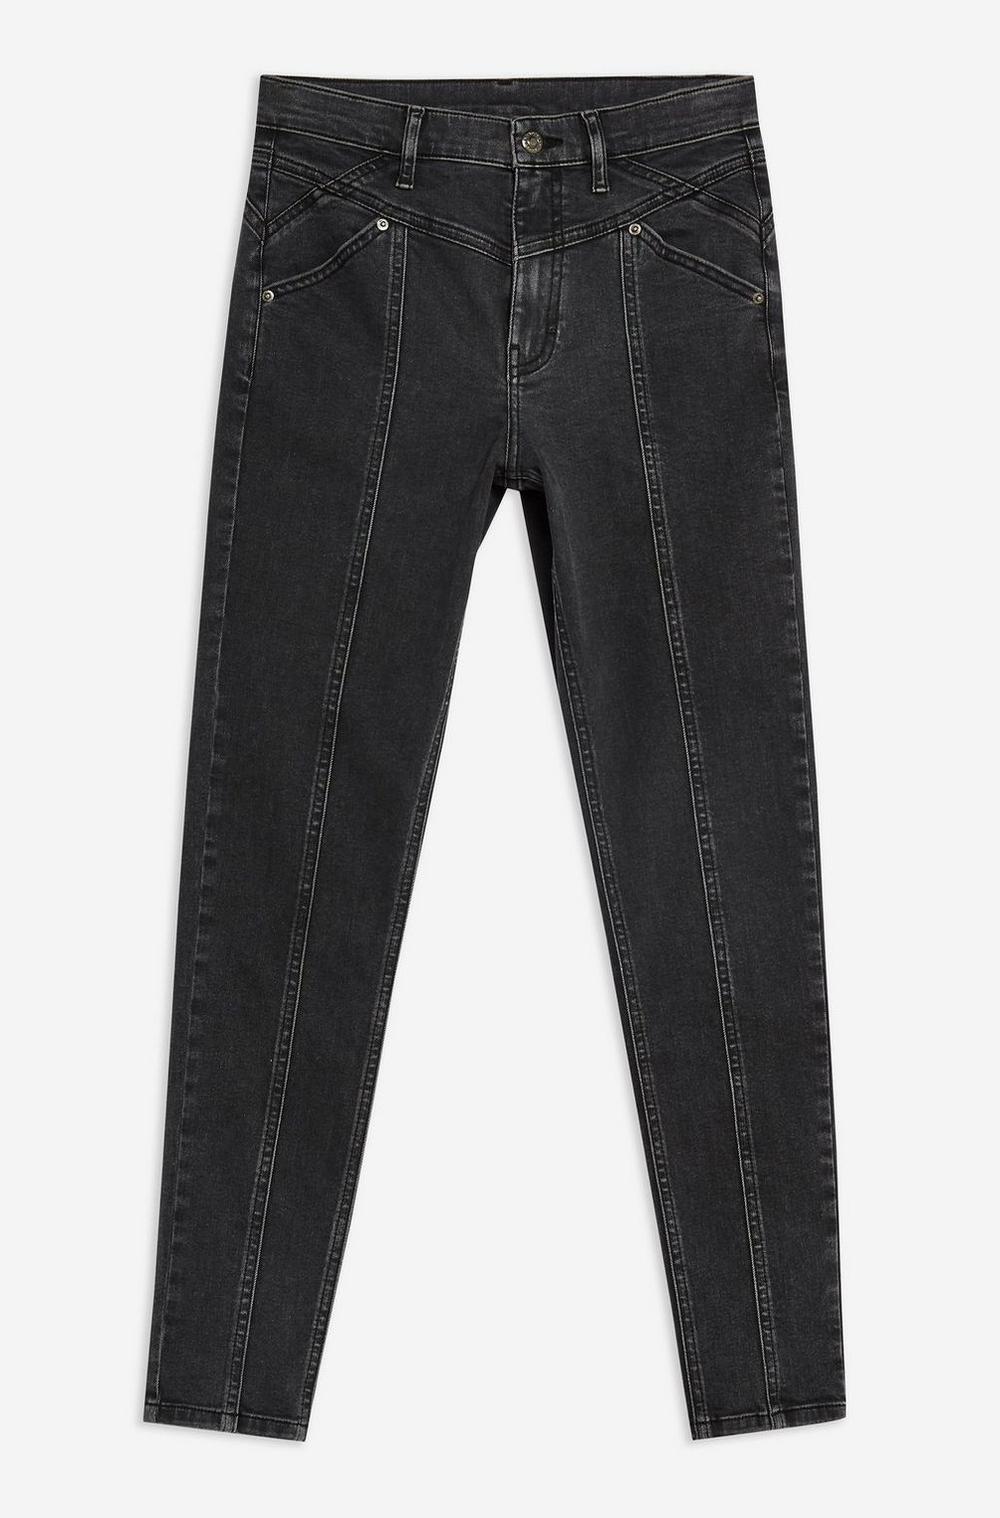 Top Shop Jeans     $85